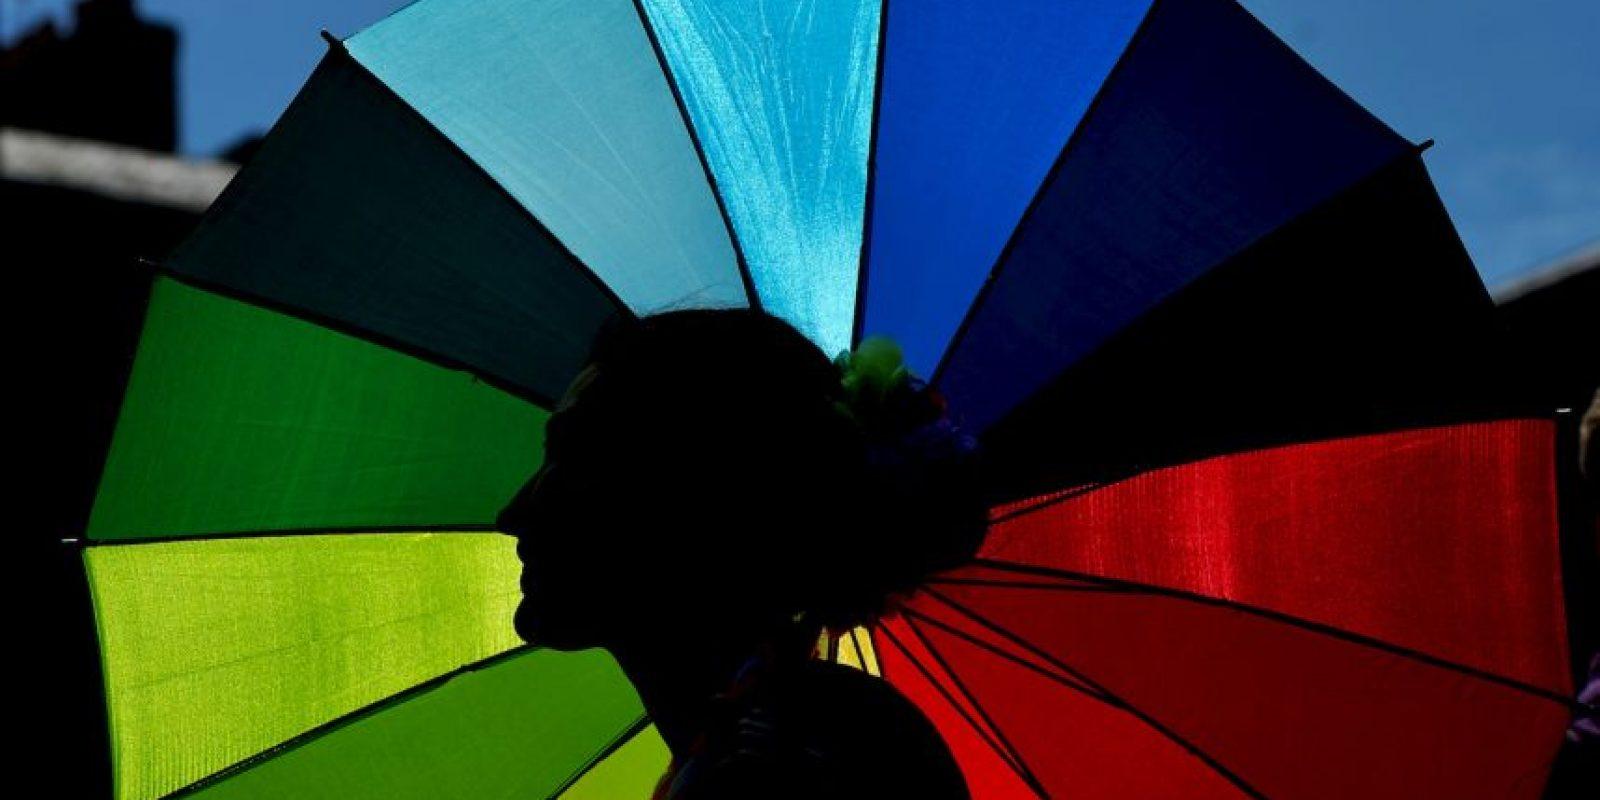 """Desde mayo de 2013, las parejas del mismo sexo tienen derecho a tener el estatutos de """"matrimonio"""", de acuerdo a una sentencia de la Corte Federal. Foto:Getty Images"""